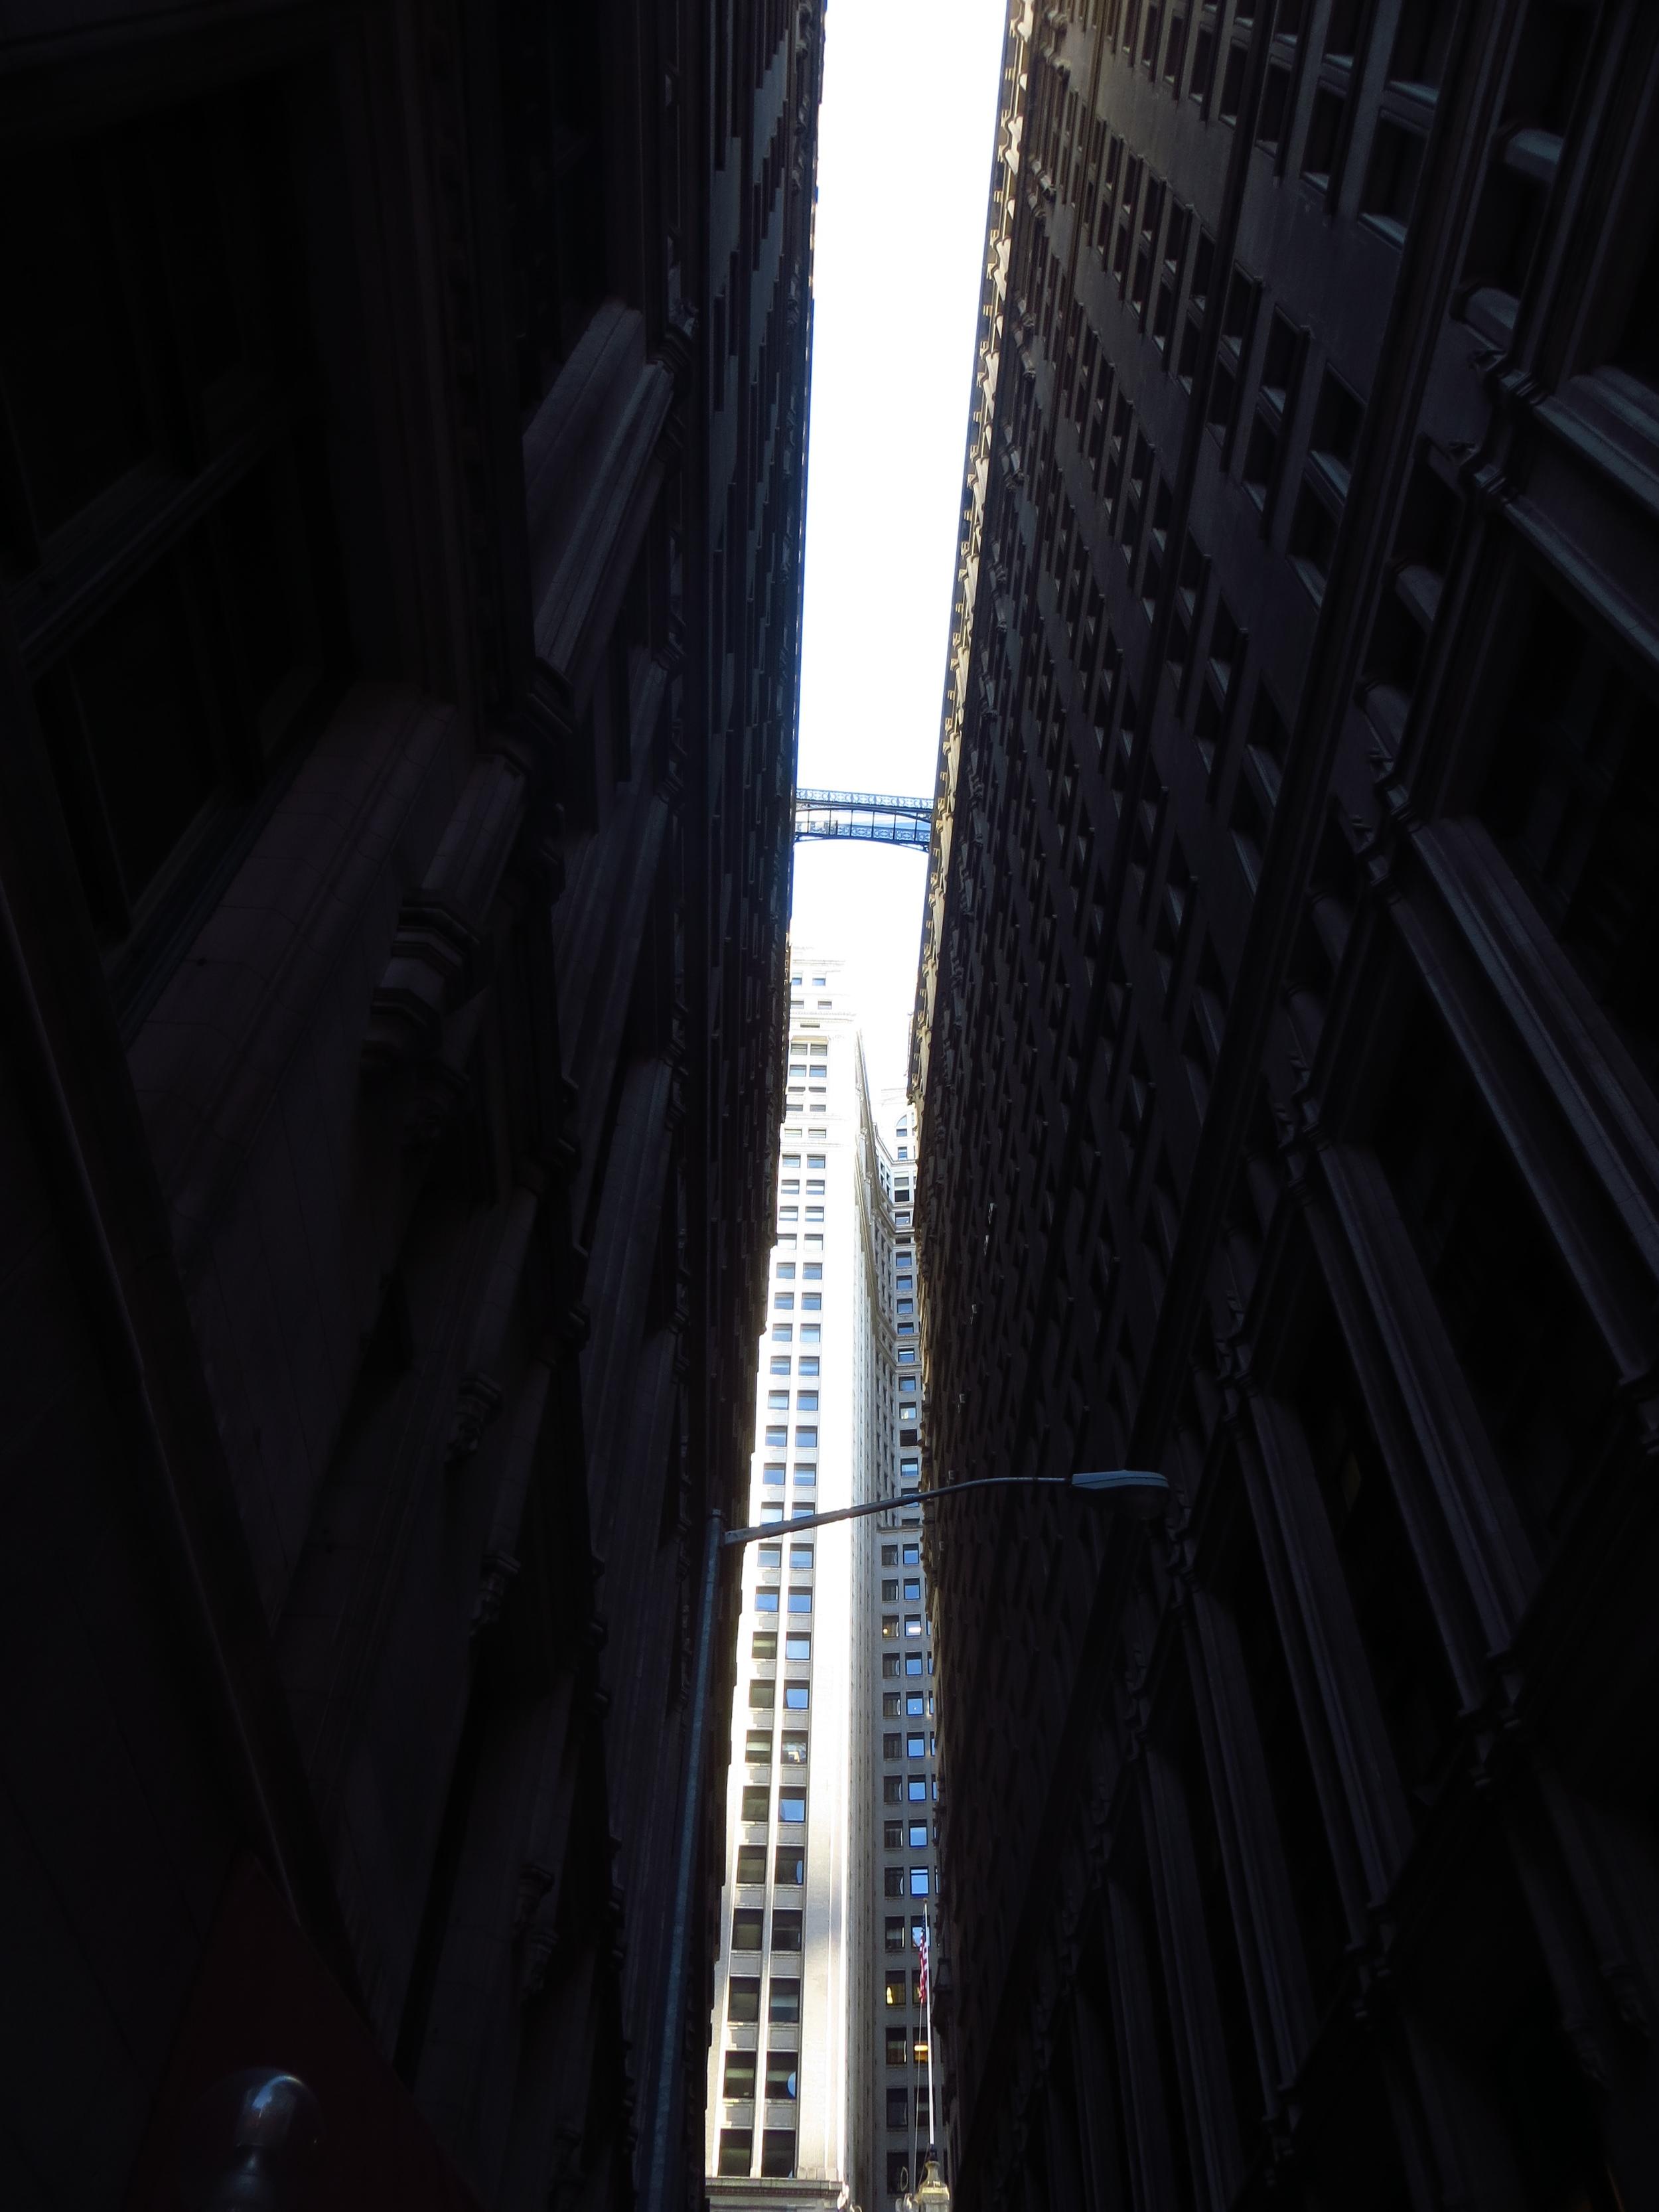 Dark and narrow